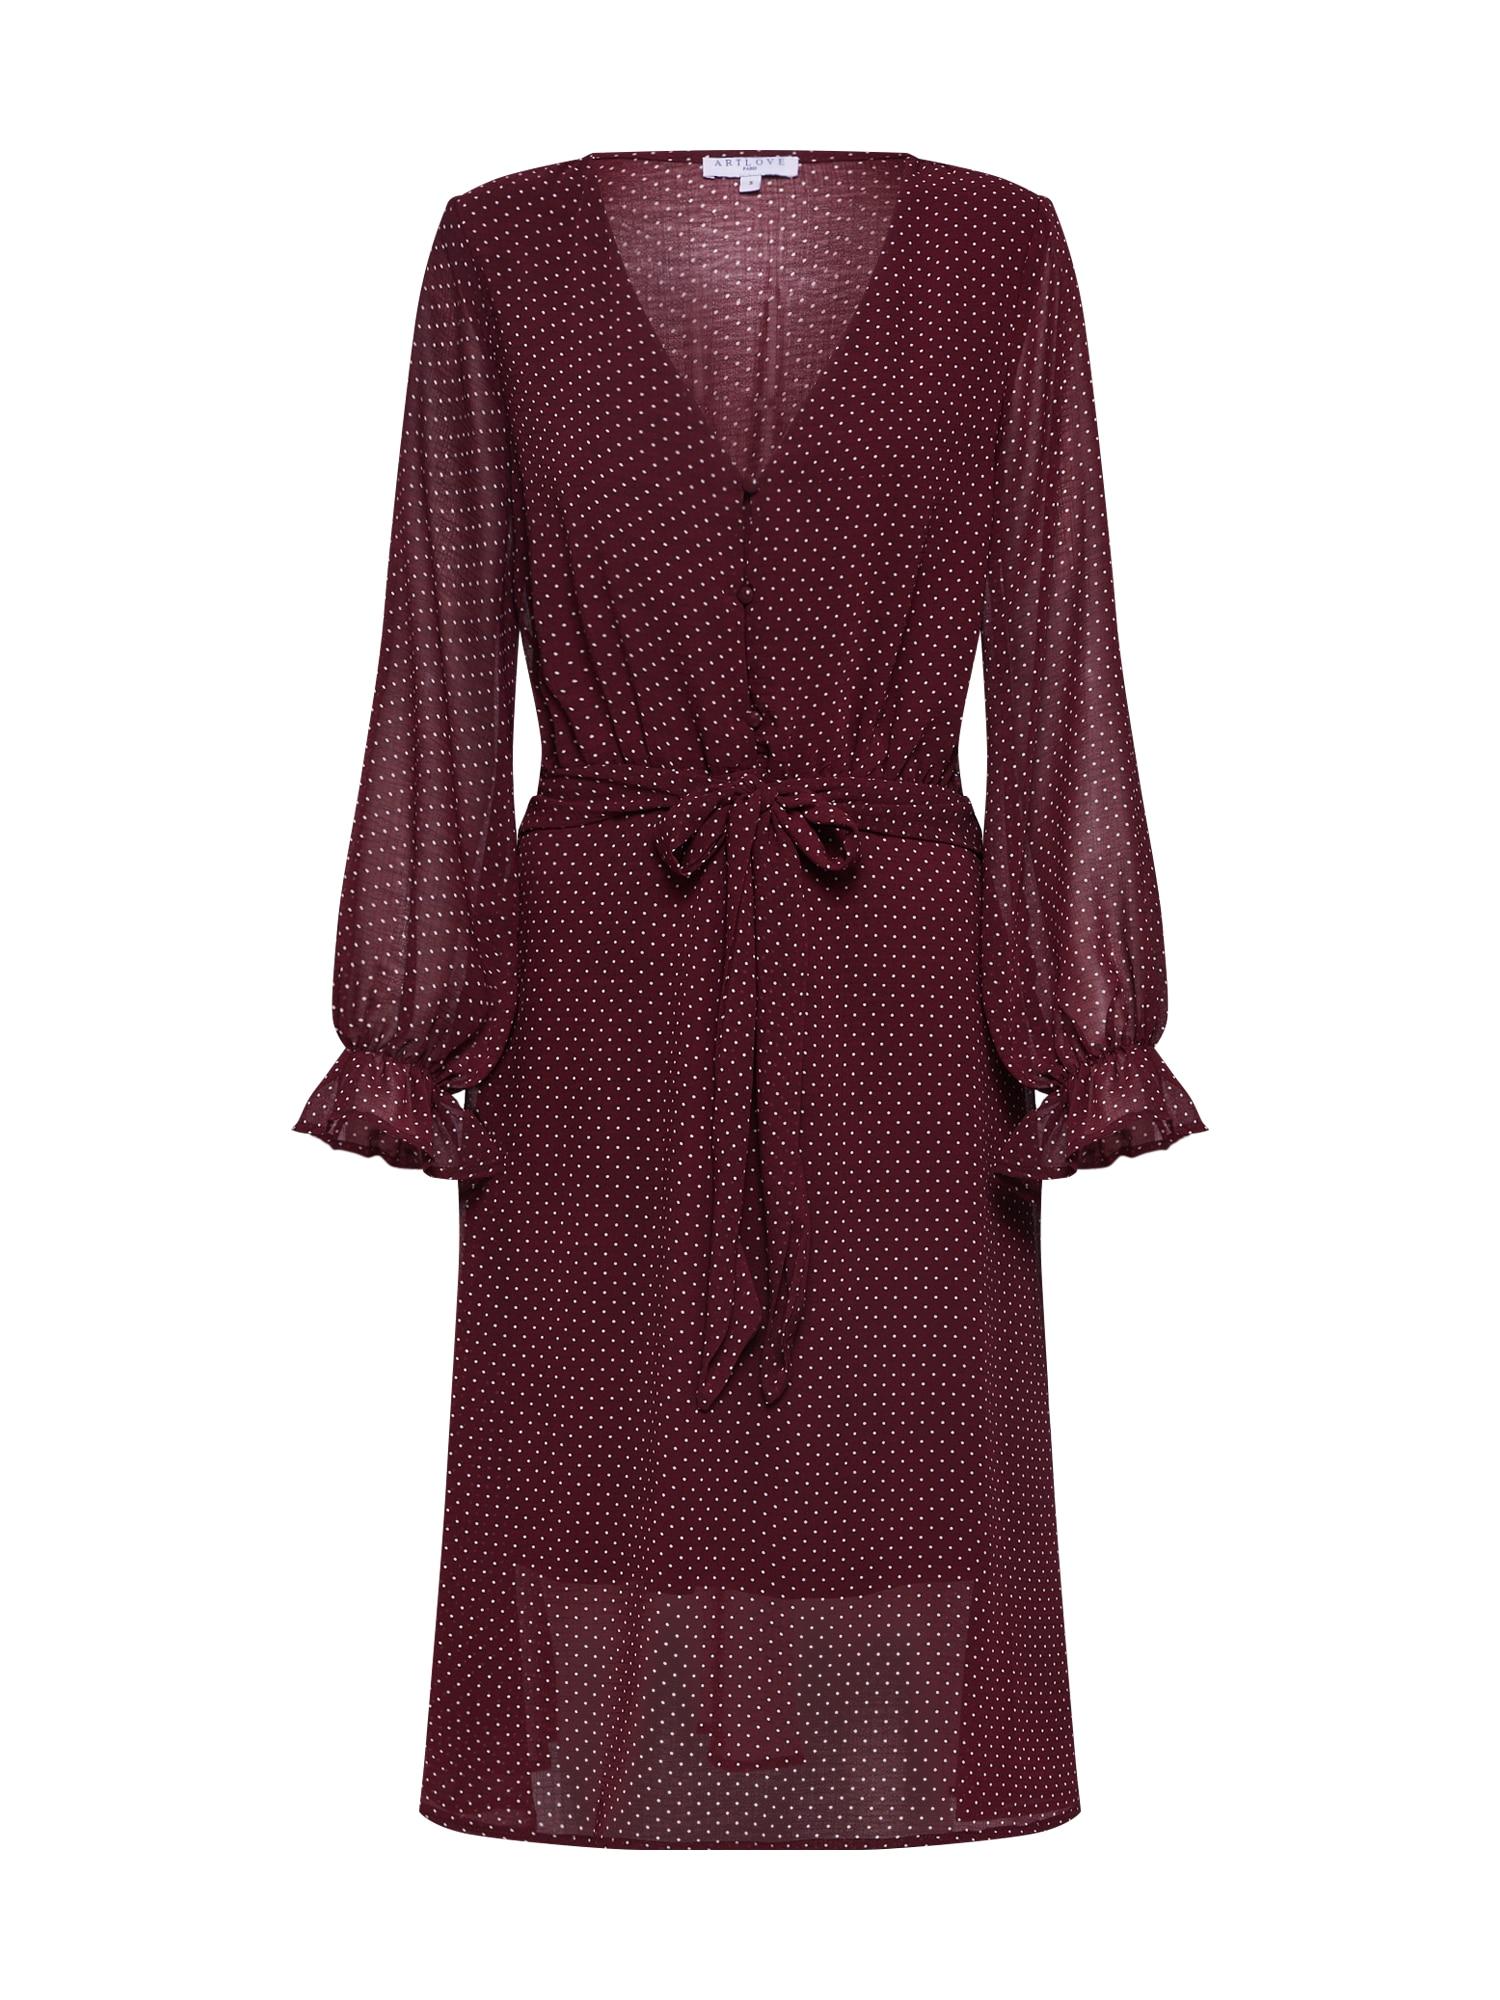 ARTLOVE Paris Suknelė '36137' vyno raudona spalva